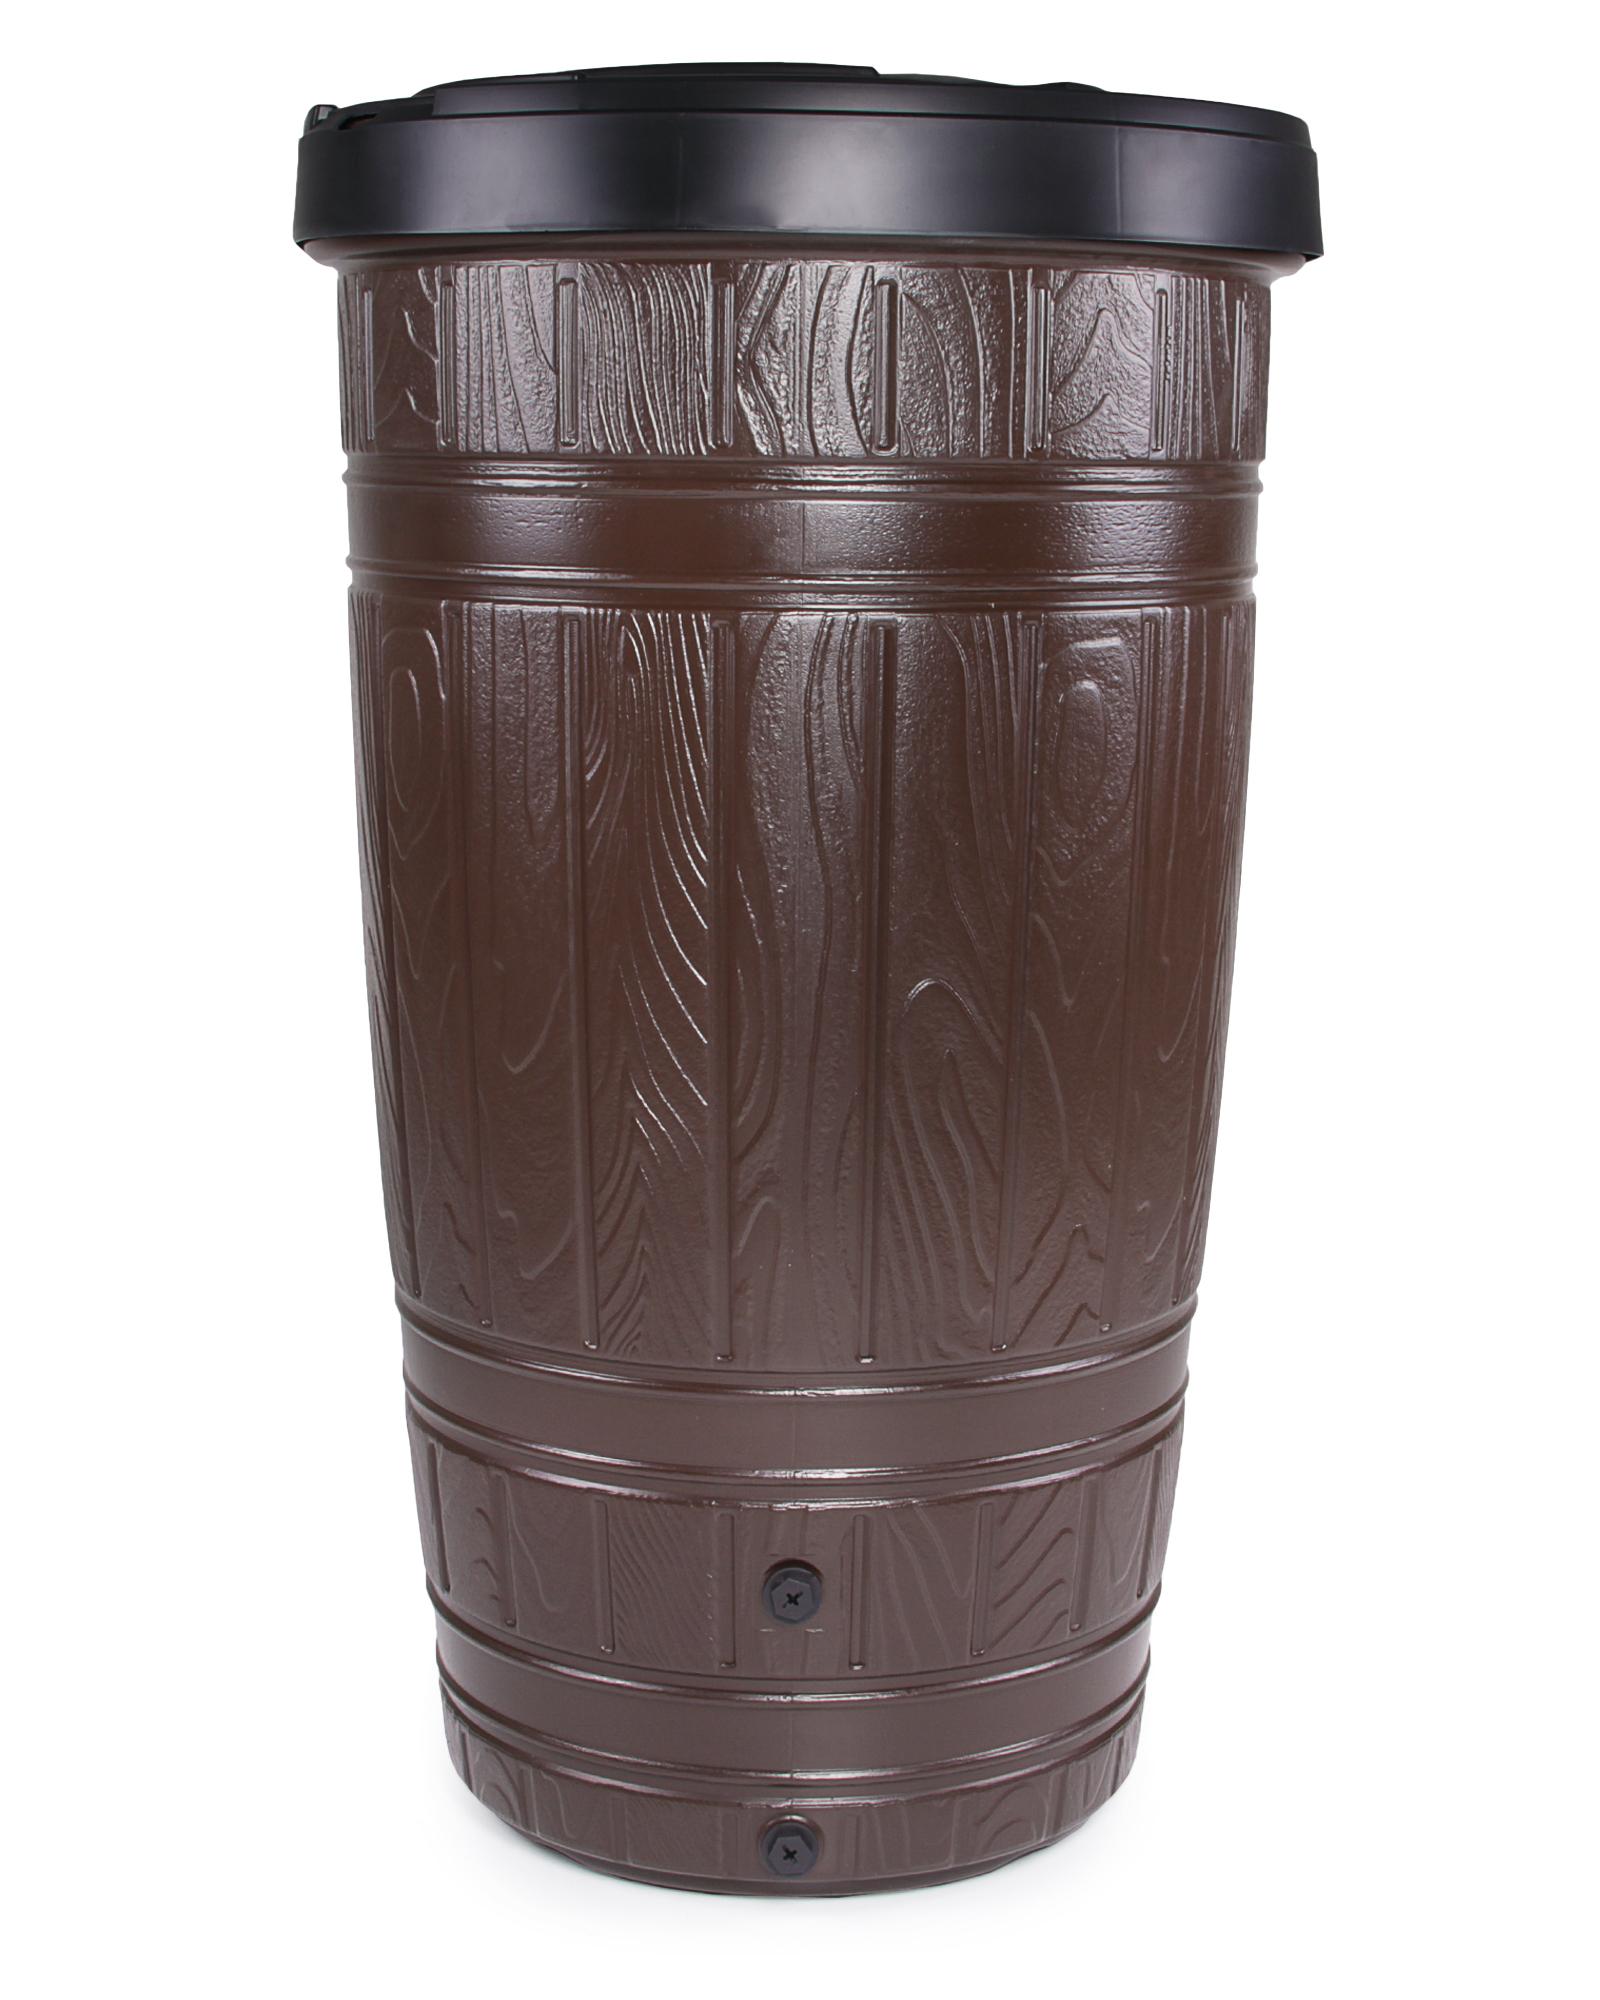 ondis24 regentonne woodcan 265 liter mit st nder g nstig online kaufen. Black Bedroom Furniture Sets. Home Design Ideas